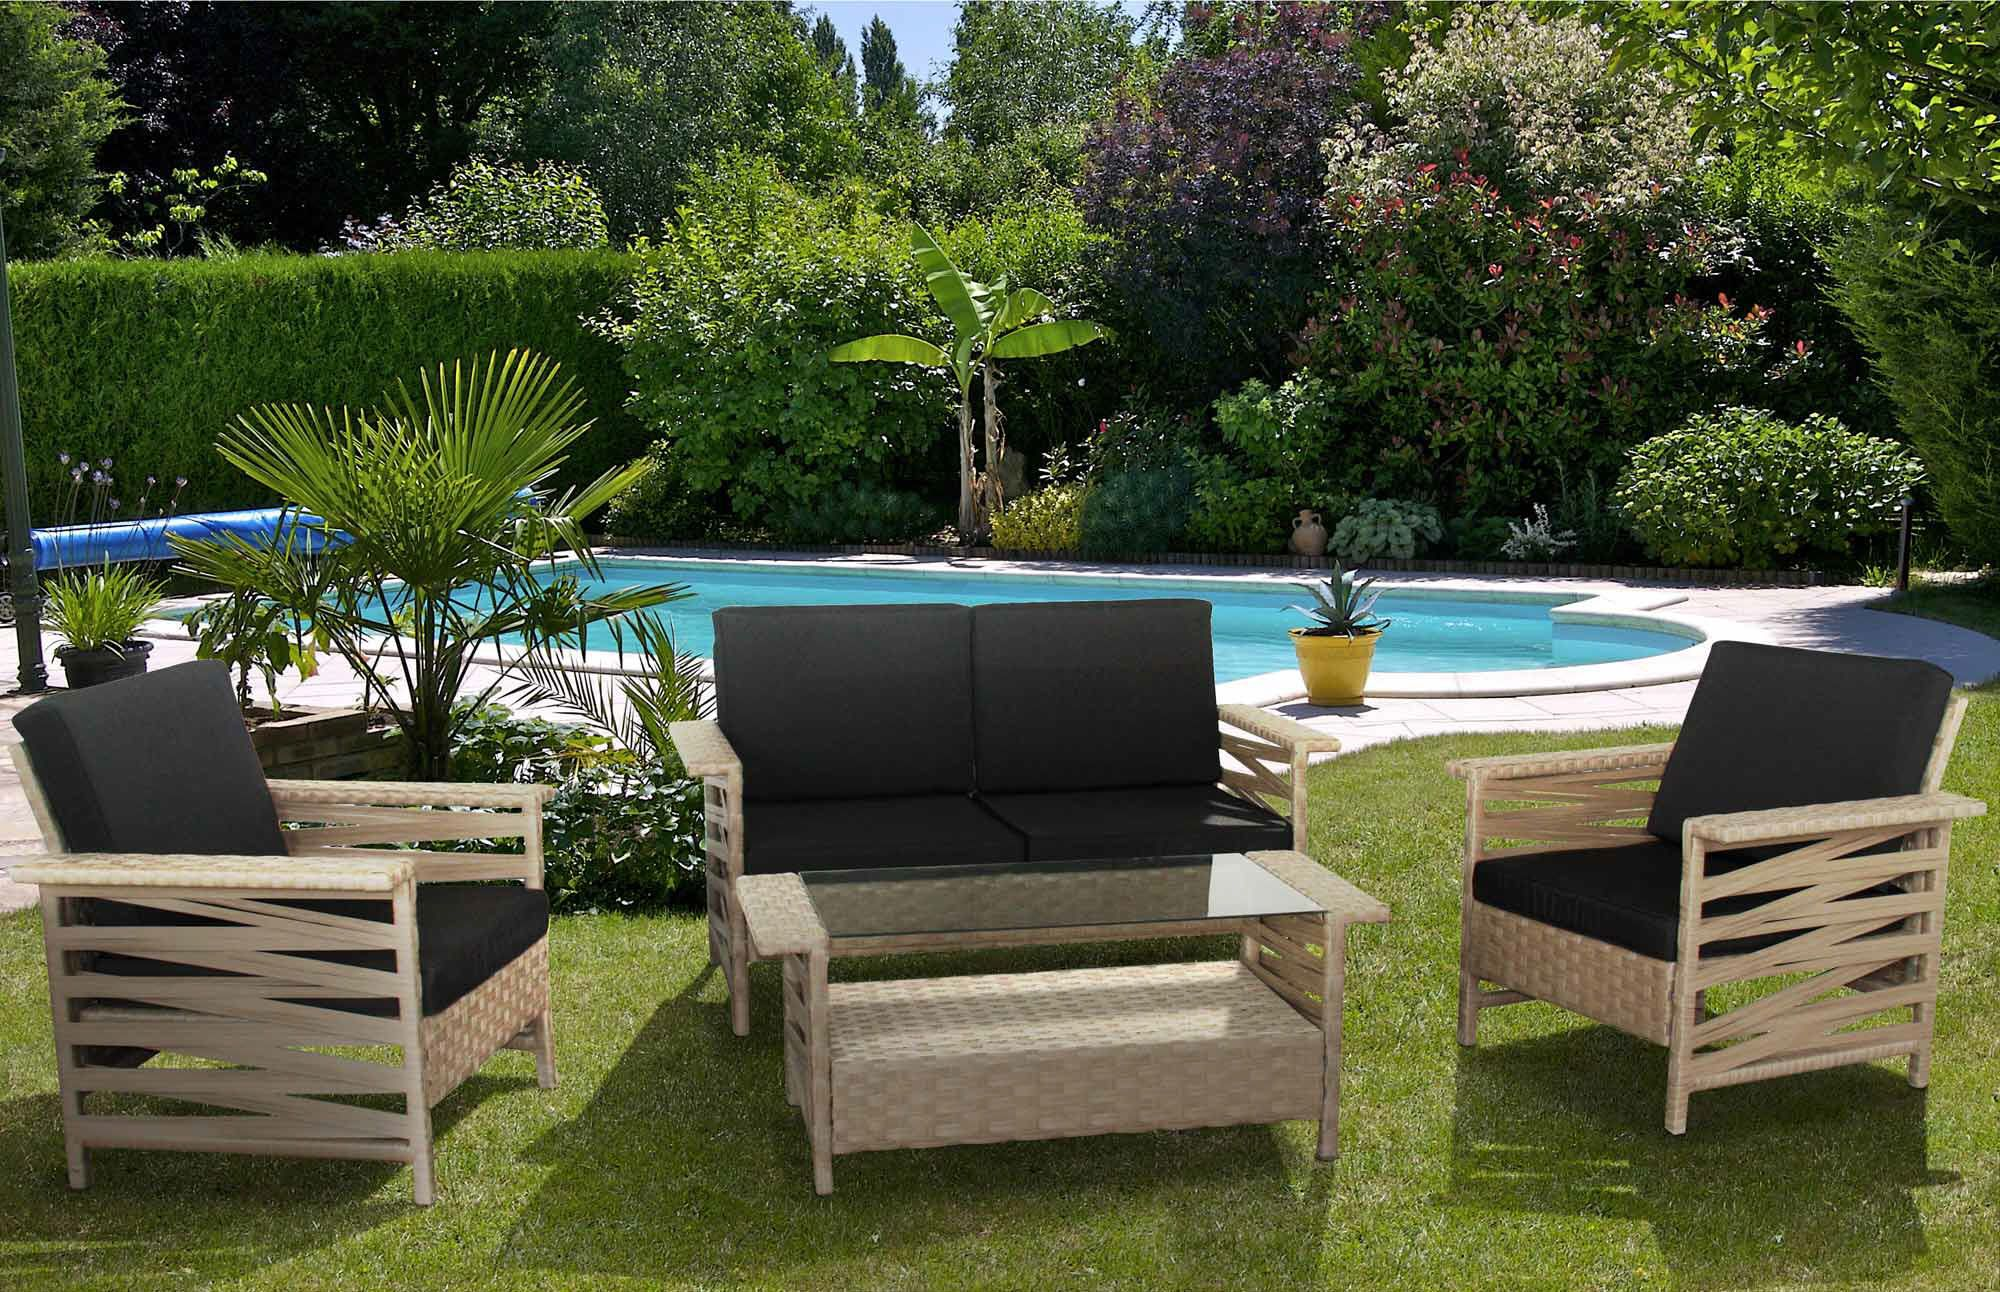 Salon de jardin sabana ermanno g salon de jardin delamaison delamaison outdoor furniture - Table basse delamaison ...